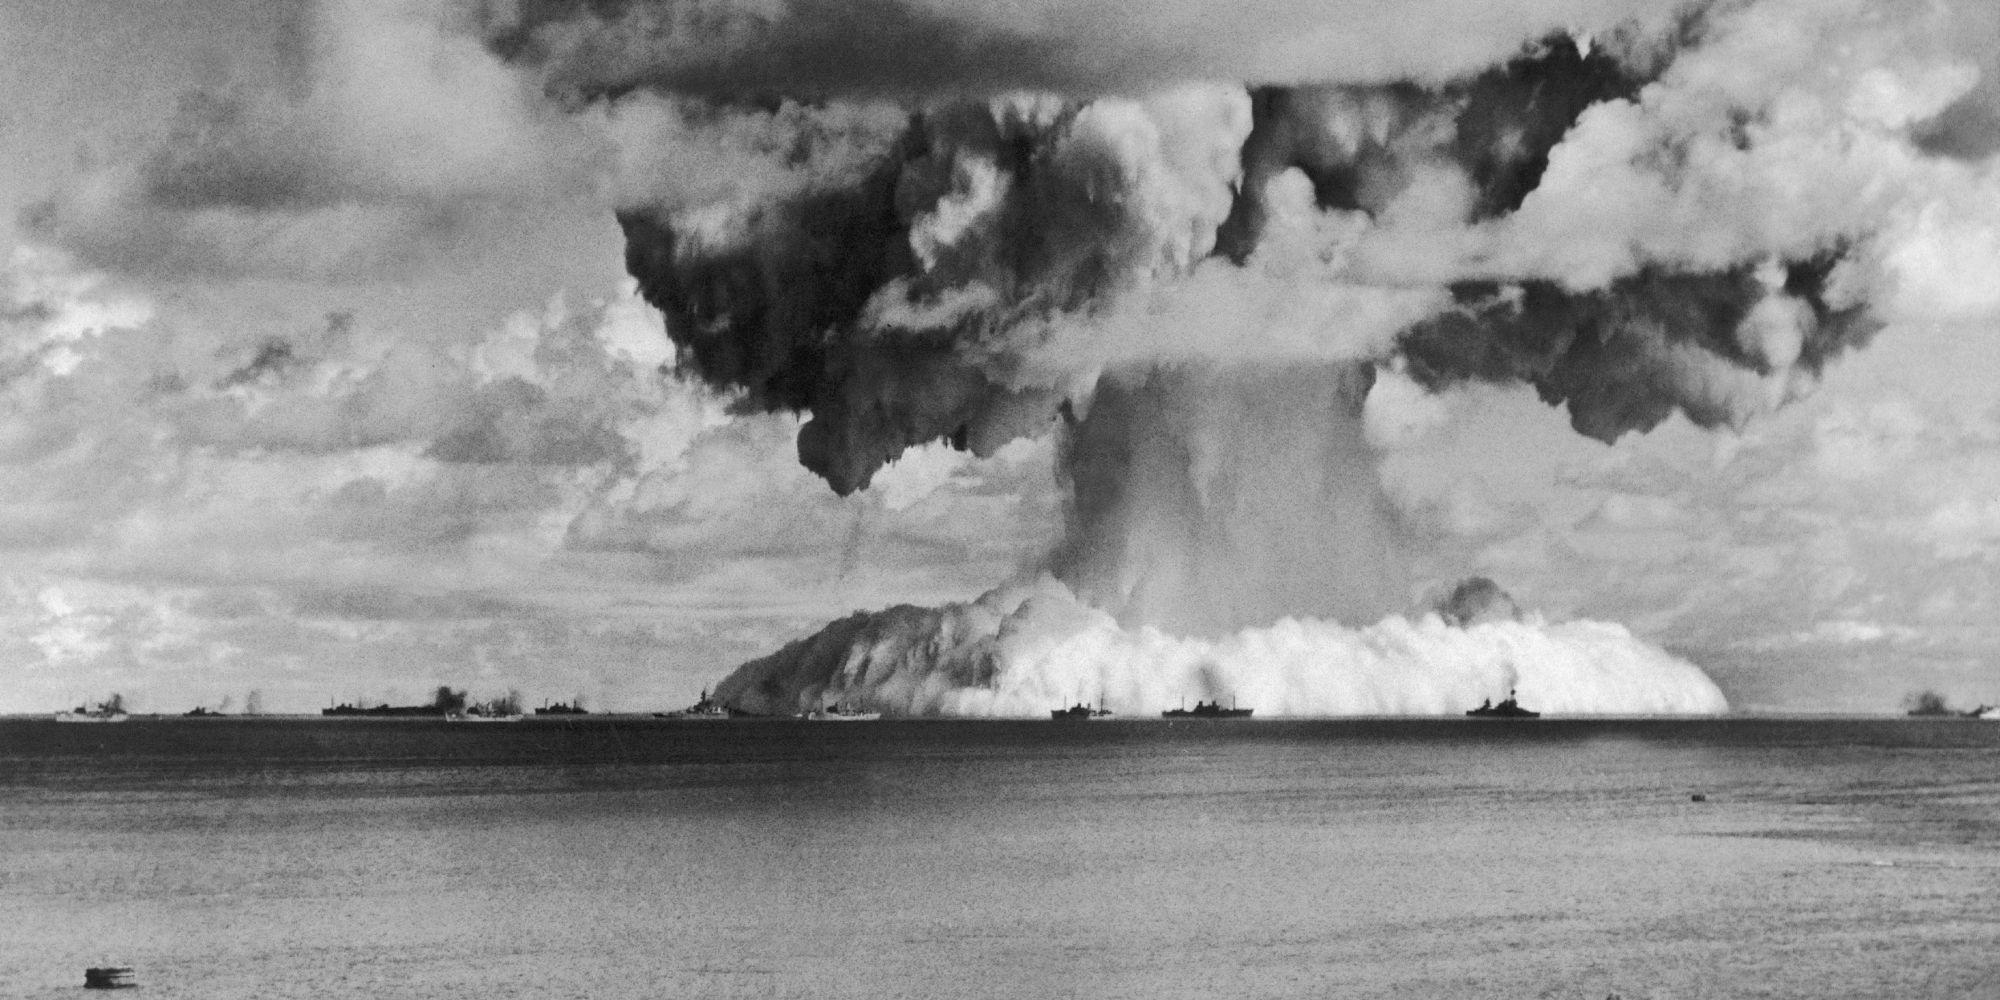 核の傷痕、戻れぬビキニ 水爆実験から60年 ビキニ環礁の水爆実験から60年 今も戻れない住民